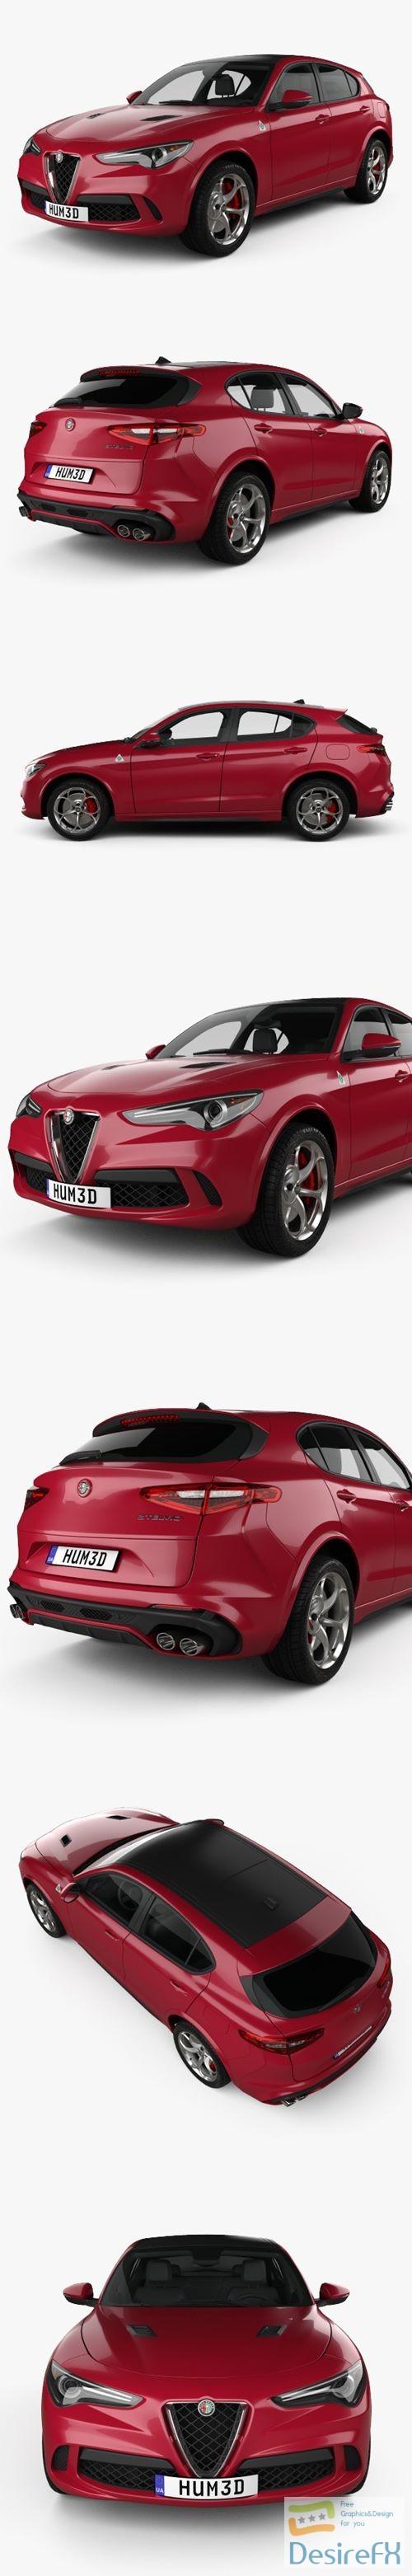 3d-models - Alfa Romeo Stelvio Quadrifoglio 2018 3D Model